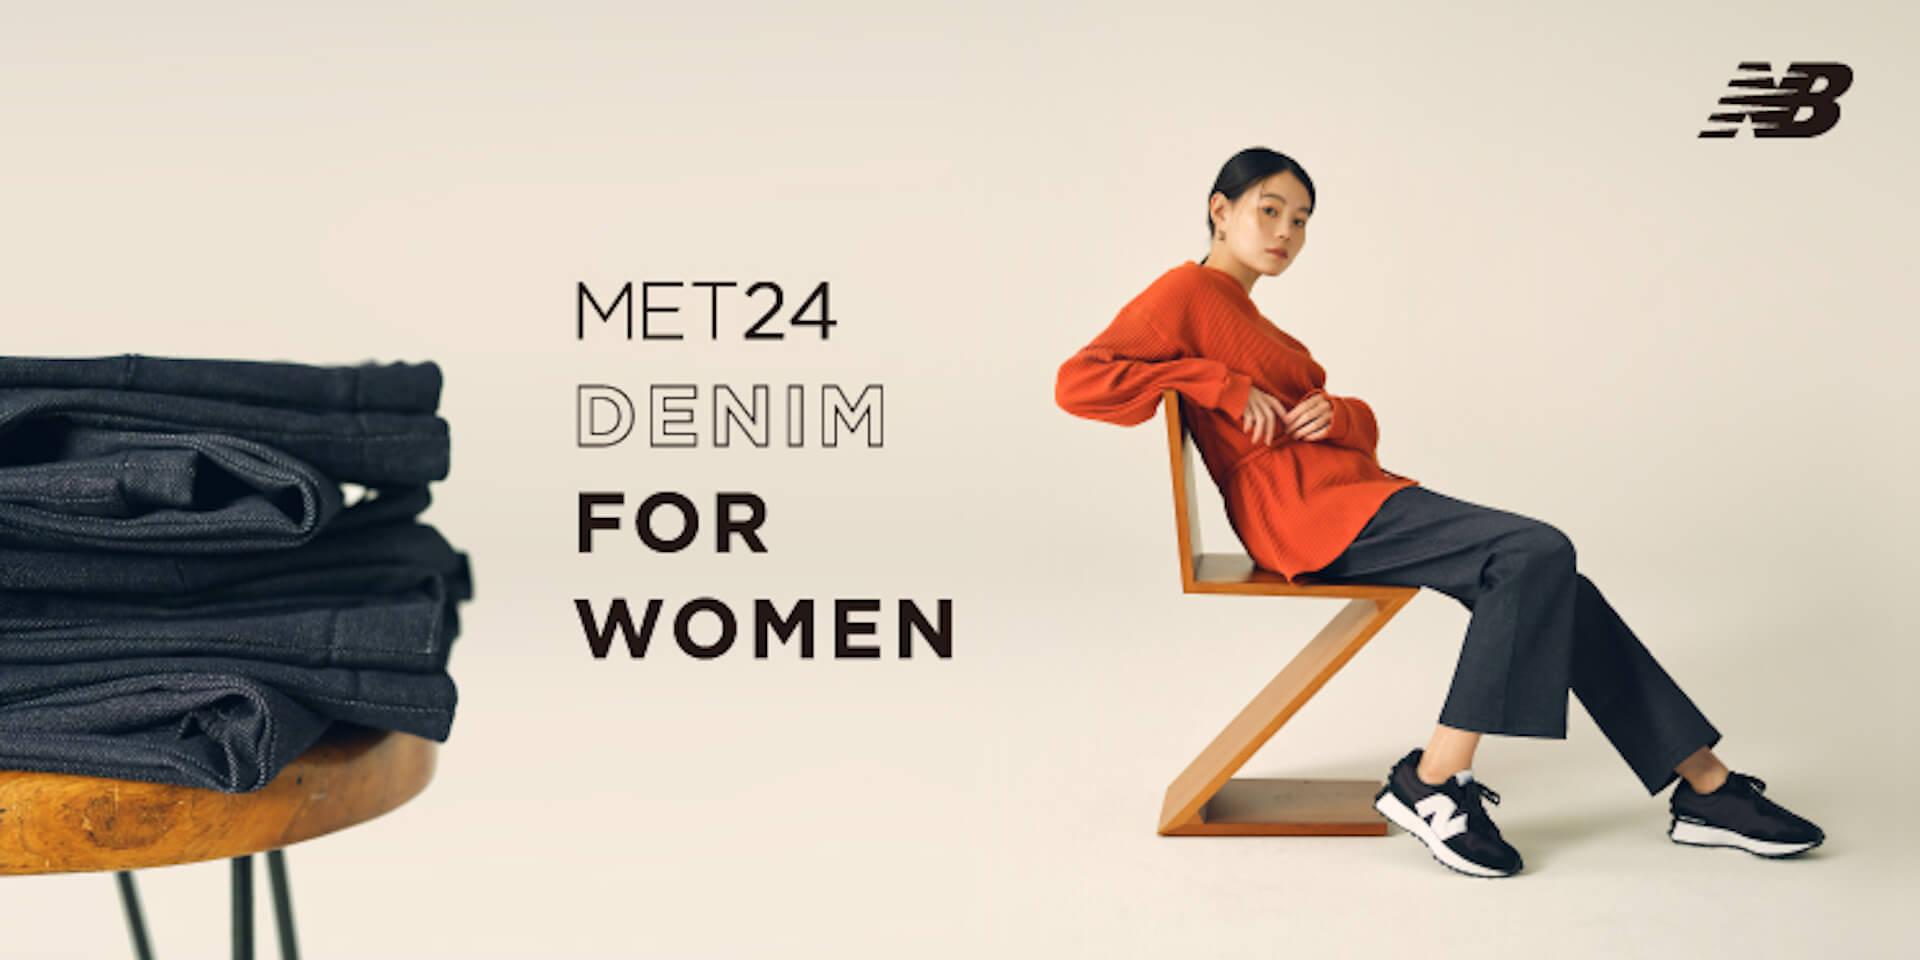 ニューバランスによるデニムパンツ「MET24 DENIM」にウィメンズ3シルエットが登場! life210909_newbalance_denim_1